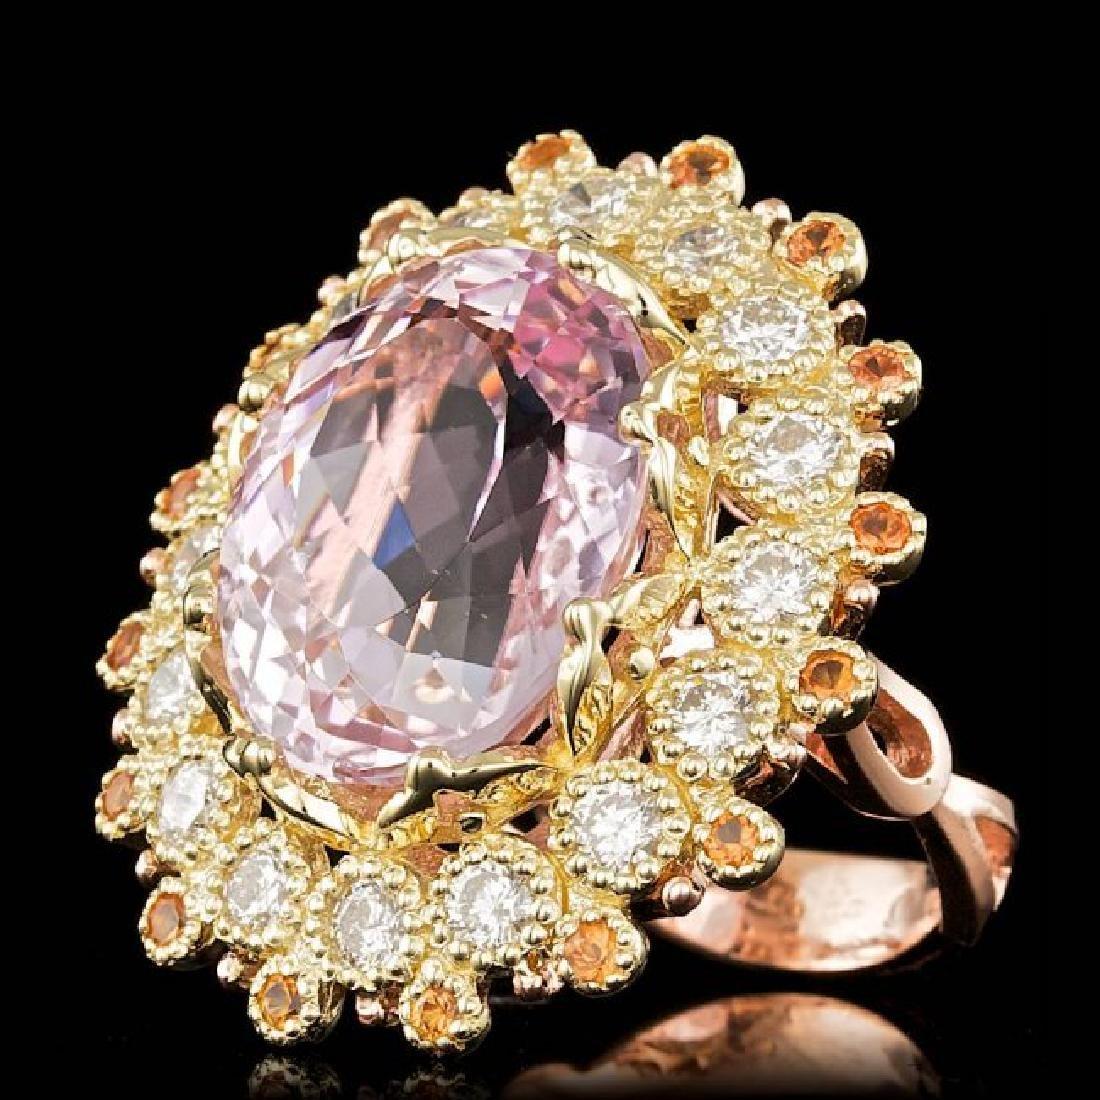 14k Gold 16.50ct Kunzite 1.80ct Diamond Ring - 2